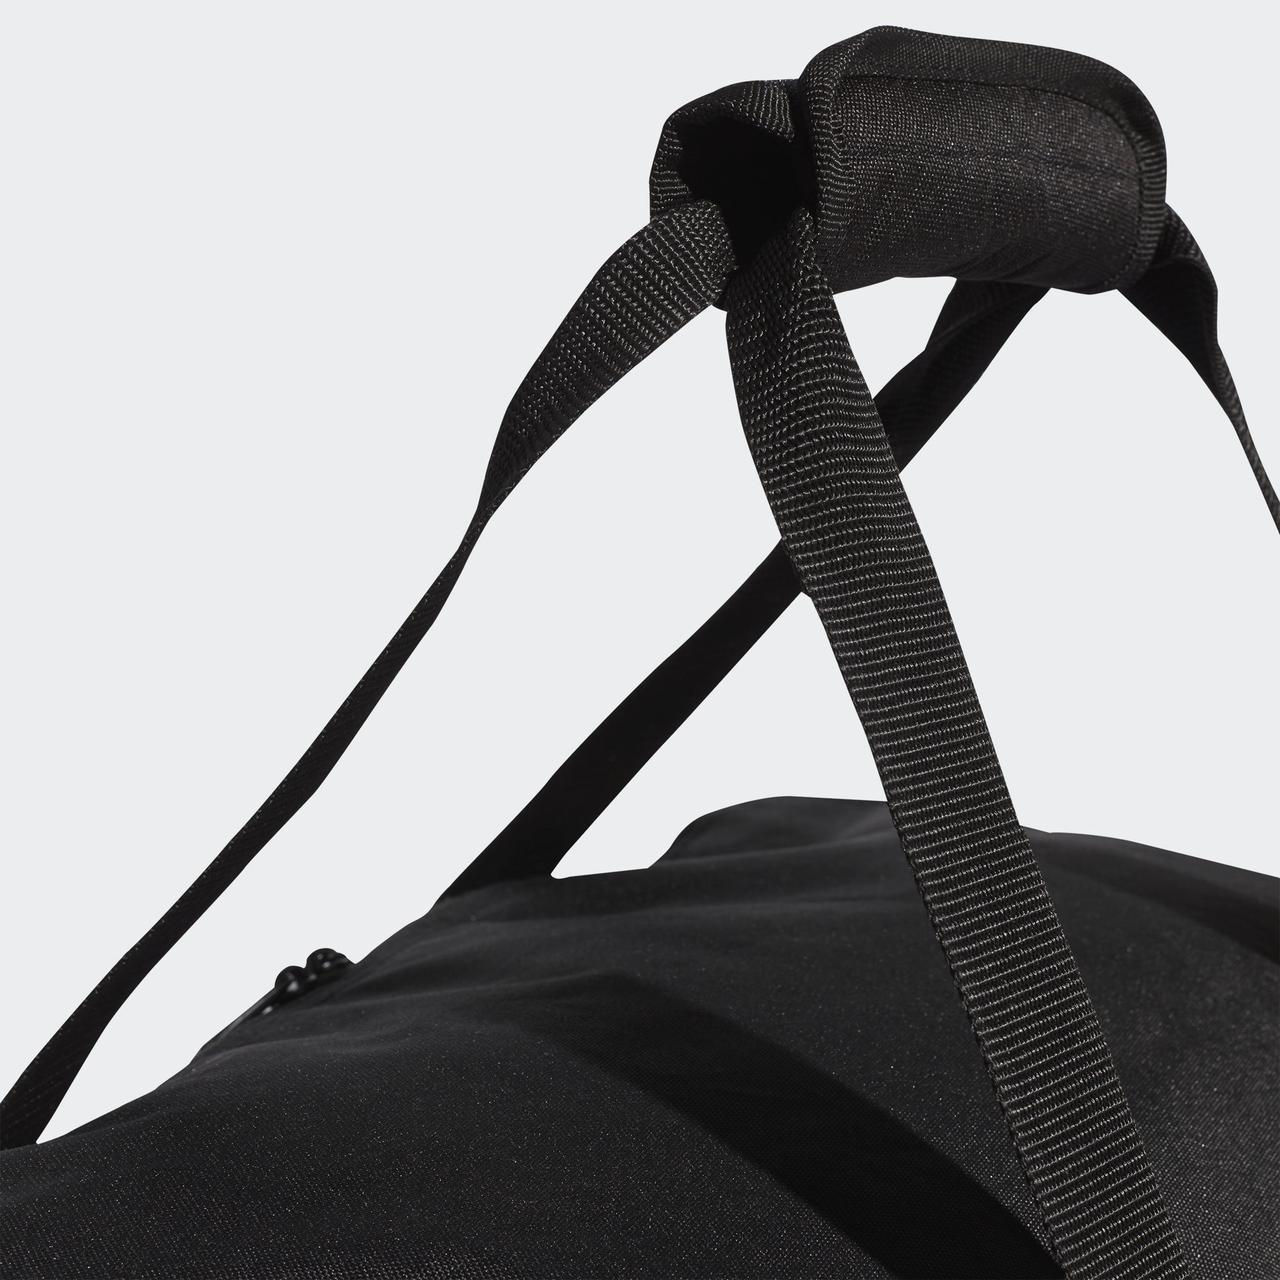 47a36de5 Спортивная сумка Adidas Tiro Teambag BC B46123 (original) 60 л, большая  мужская женская, цена 1 090 грн., купить в Киеве — Prom.ua (ID#669500223)